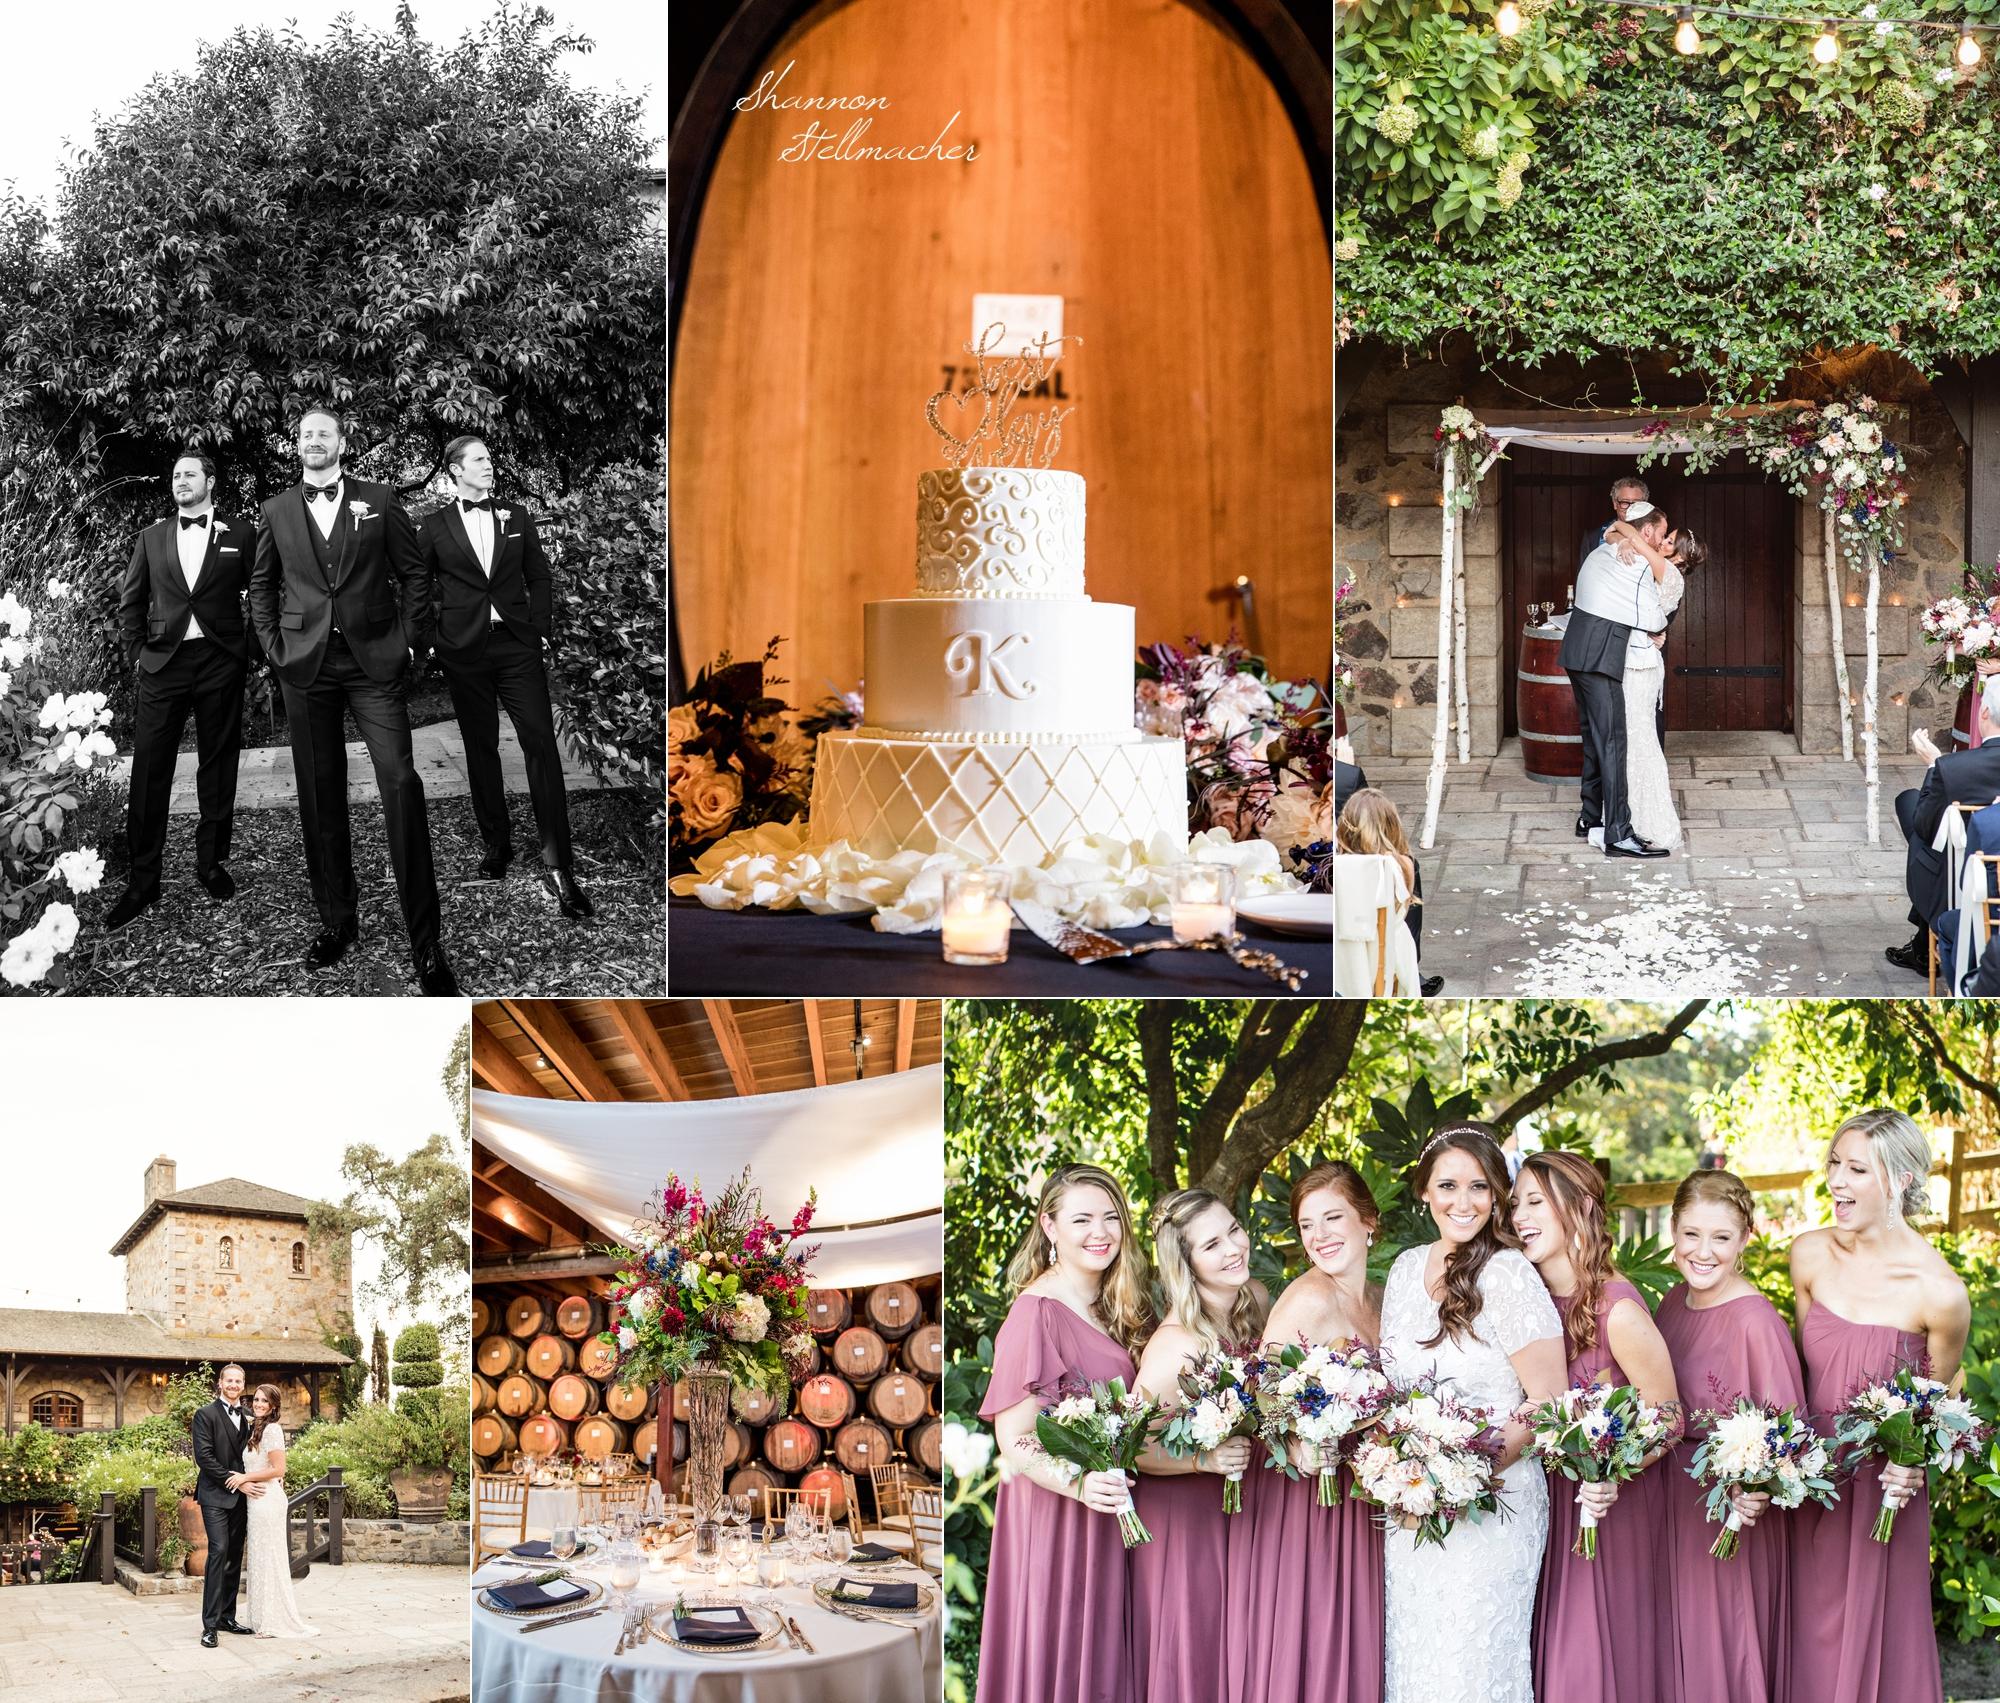 V. Sattui Wedding 4.jpg